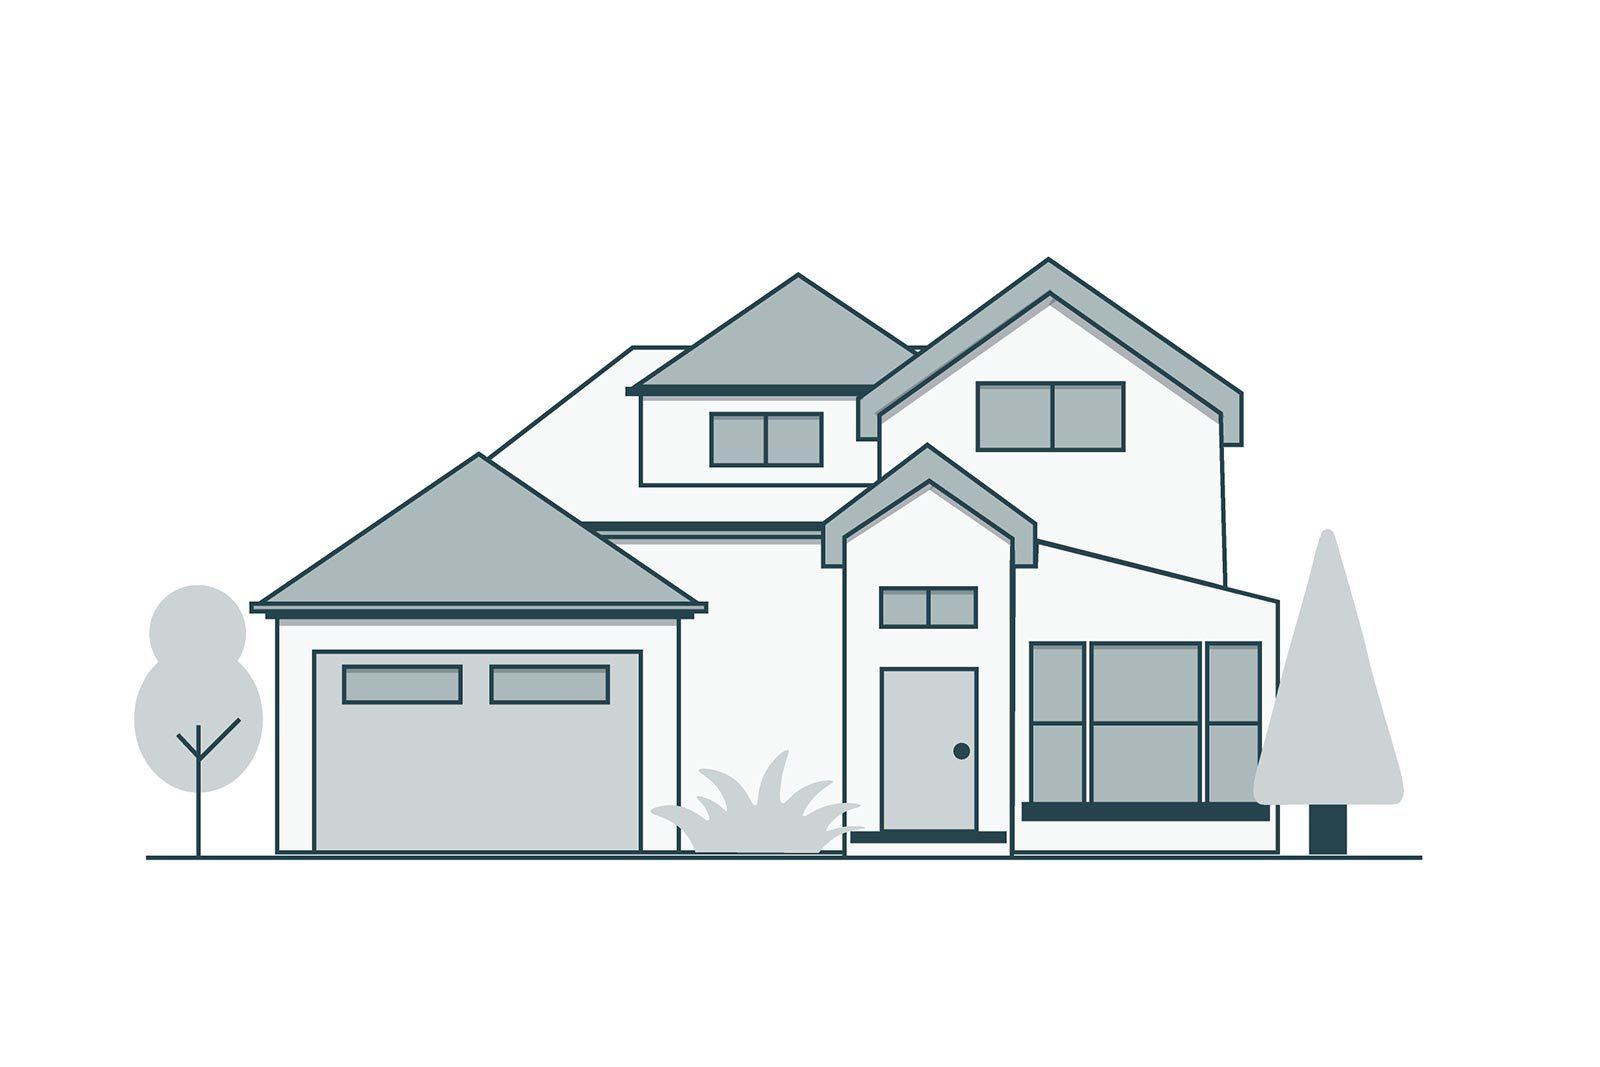 2511 Angie Way Rancho Cordova, CA 95670